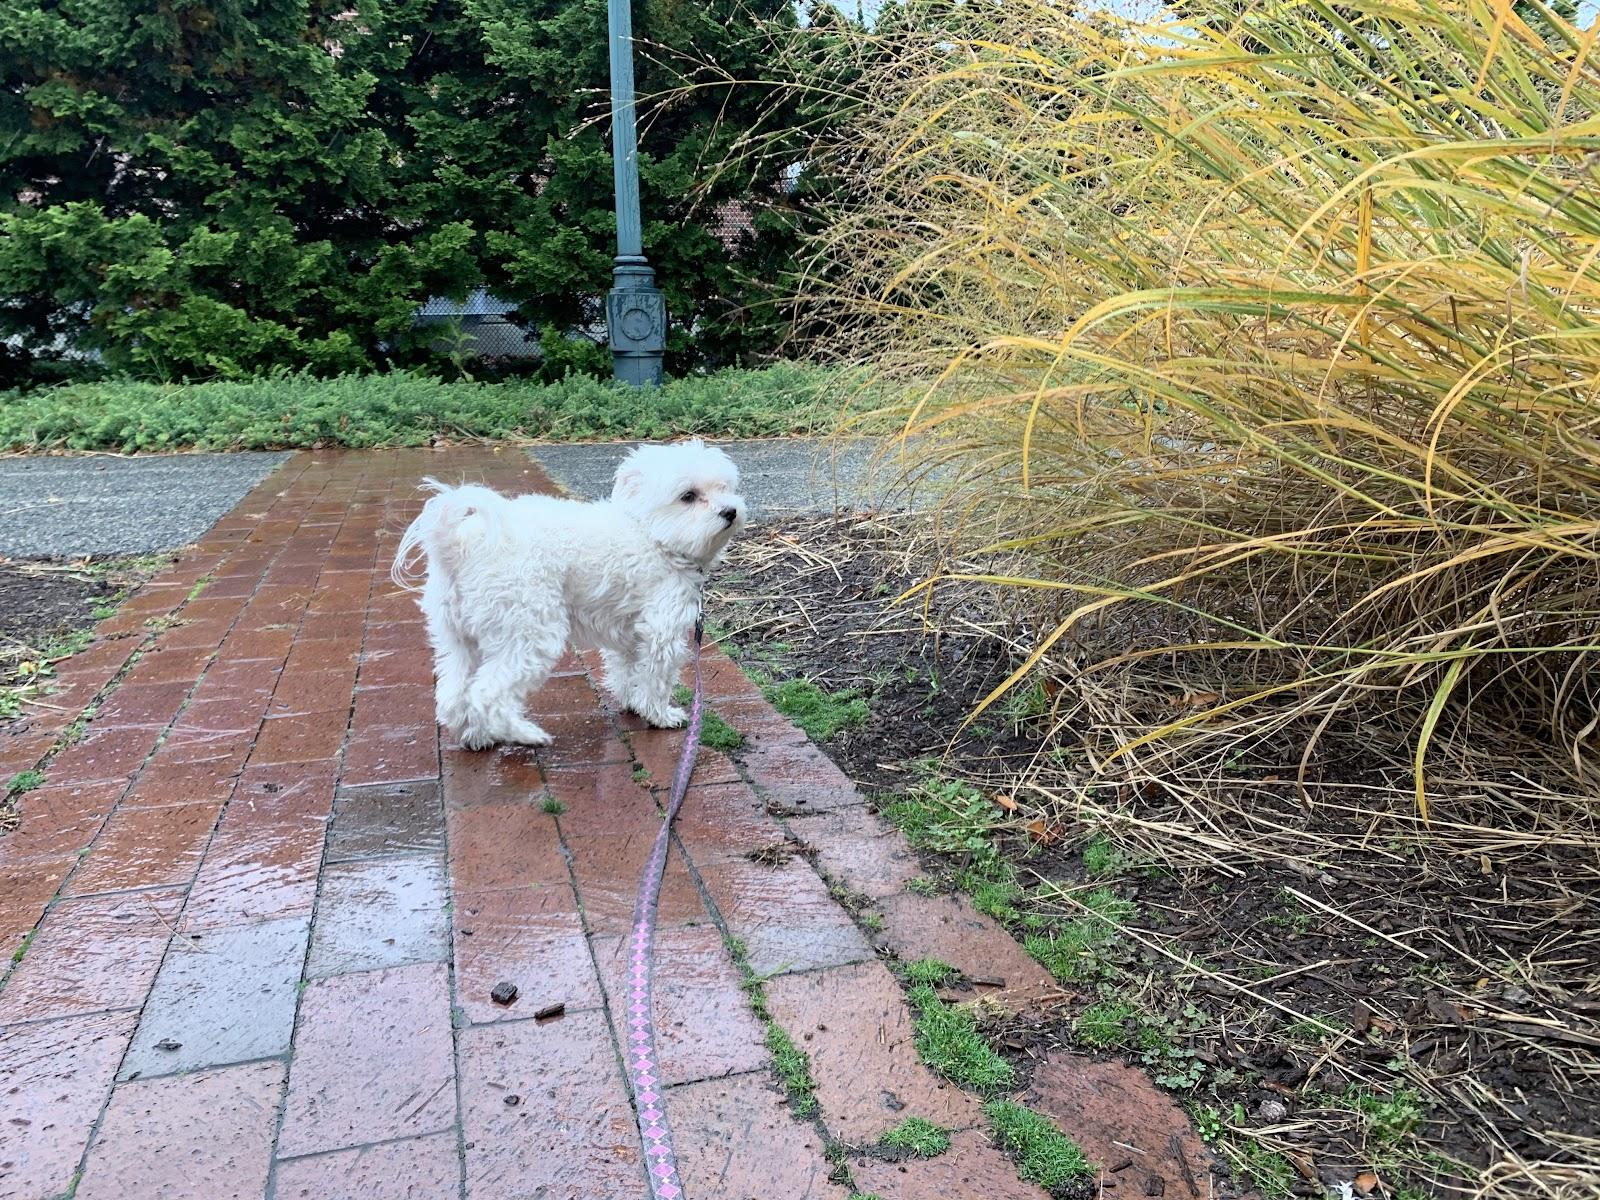 Bela loves the tall grasses at the Binford Street Channelside Park.